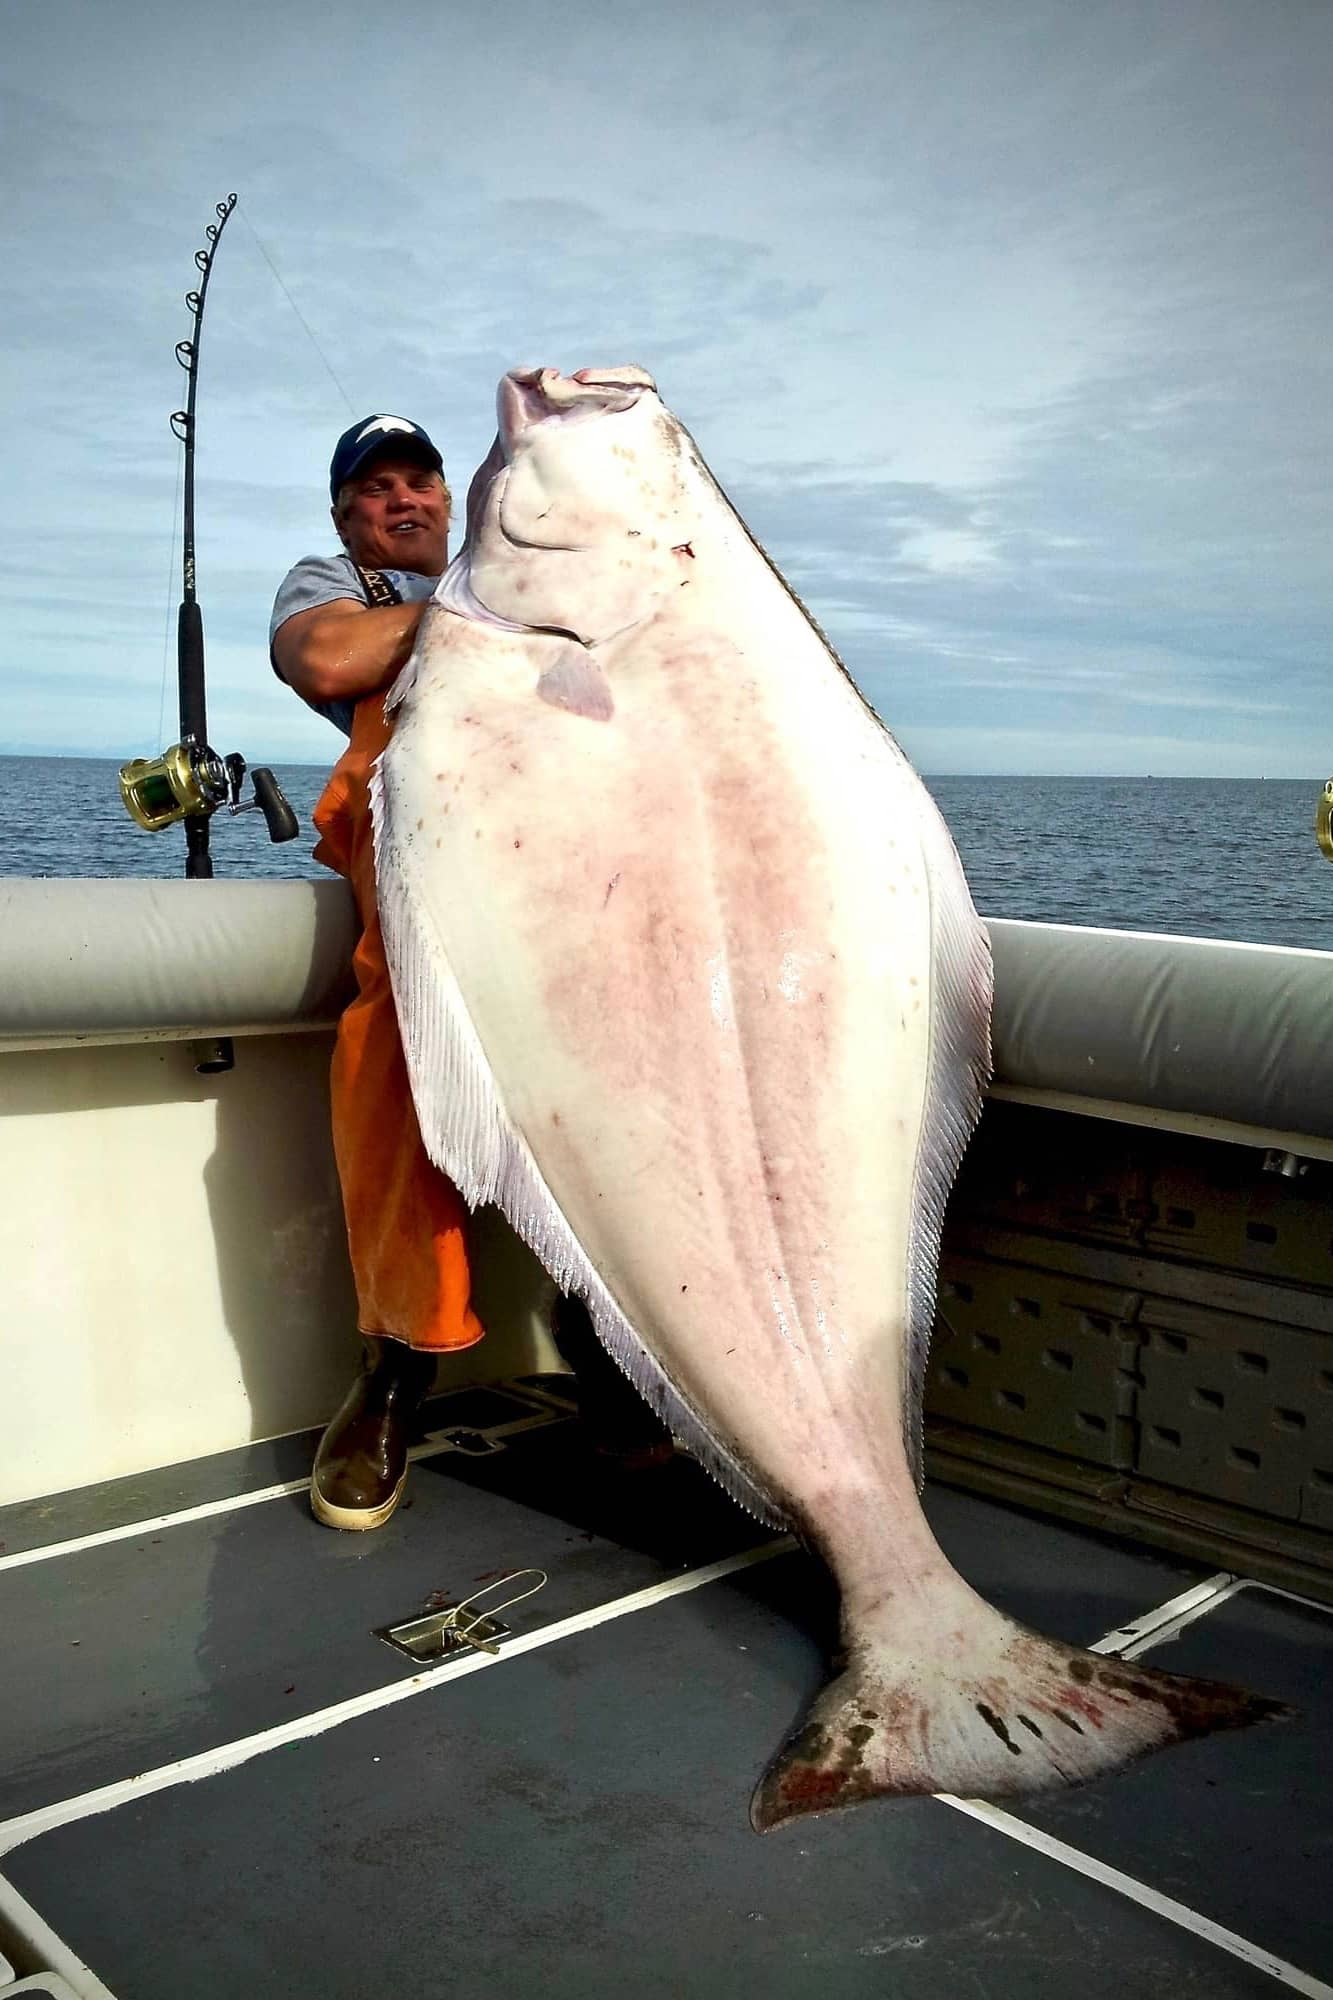 Deckhand with DeepStrike Sportfishing in Homer, Alaska hoisting massive halibut